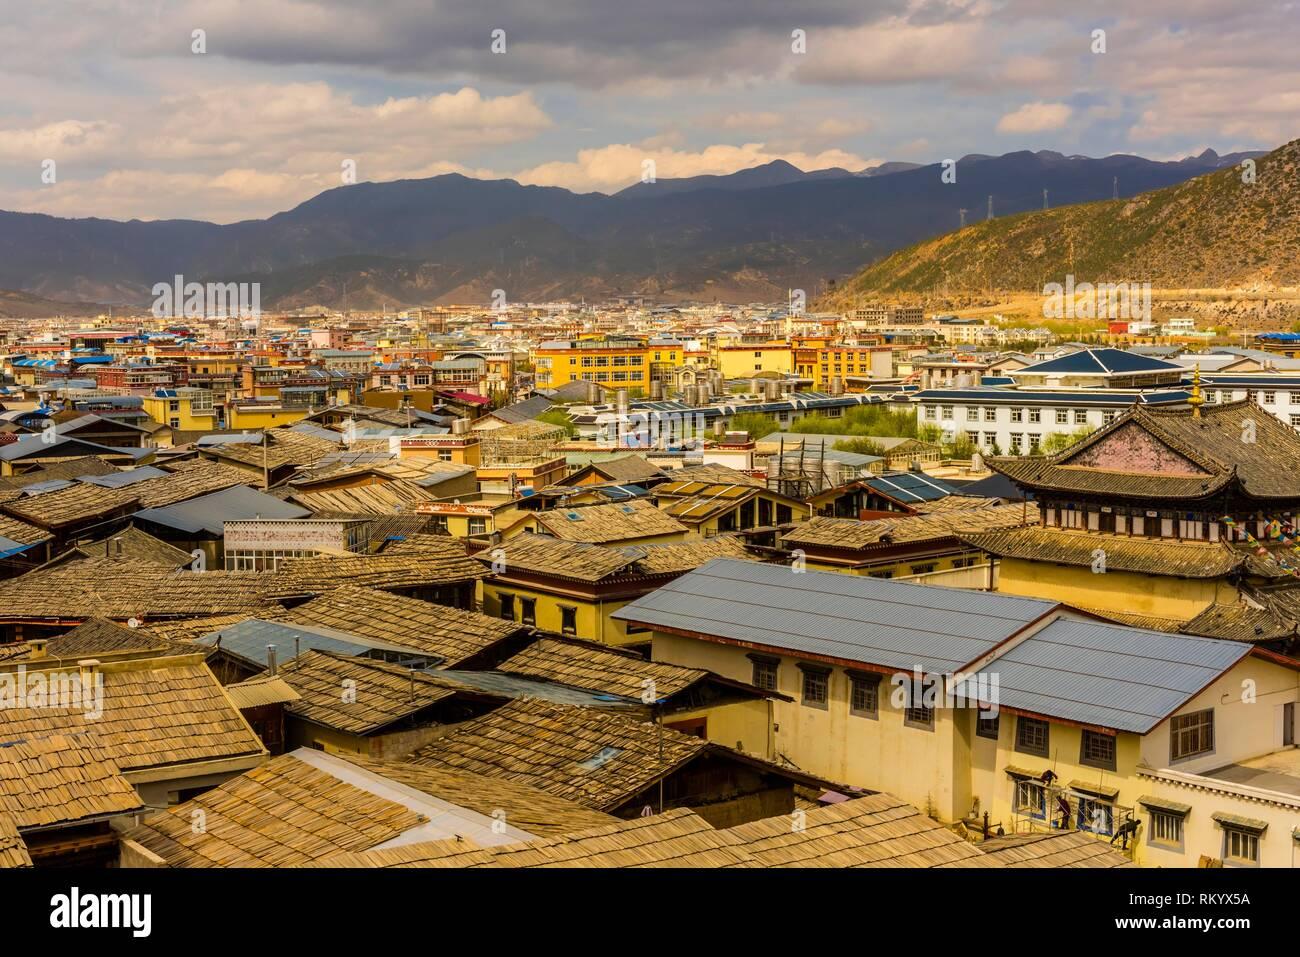 I tetti della Città Vecchia, Shangri La (Zhongdian), nella provincia dello Yunnan in Cina. Immagini Stock